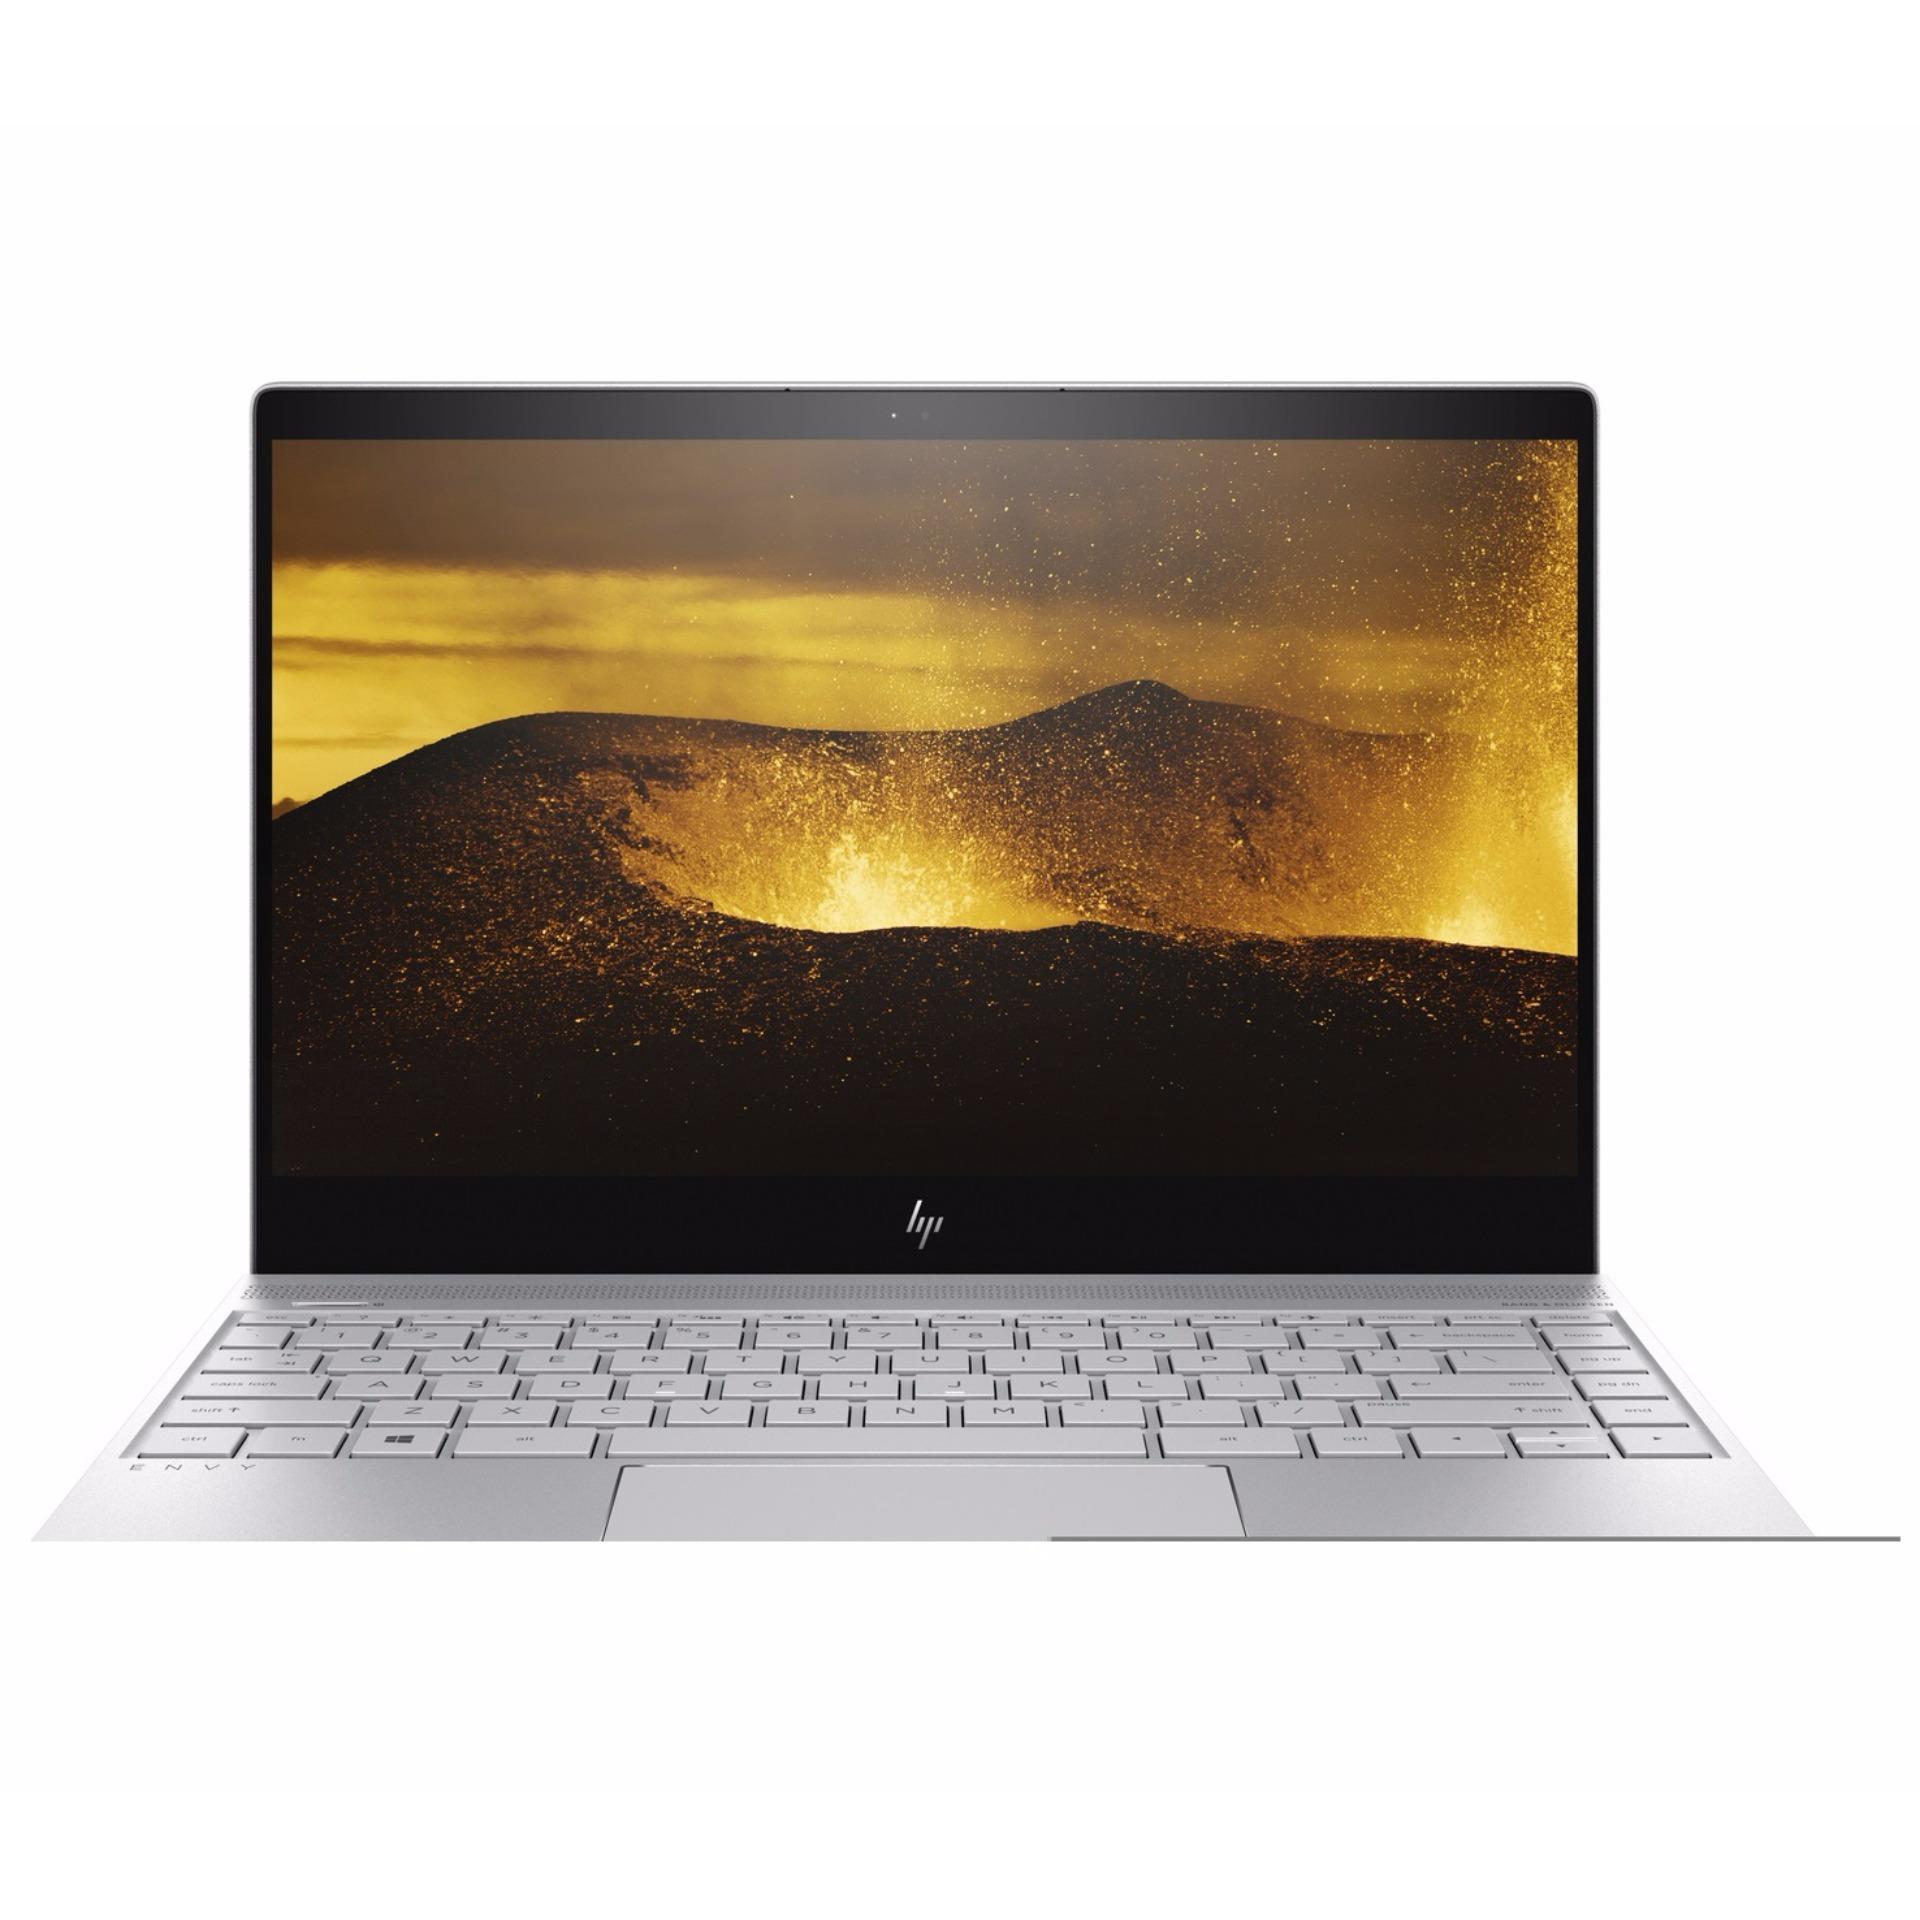 HP (2SL98PA) ENVY13 AD117TU 13.3 IN INTEL CORE I7-8550U 8GB 512GB SSD WIN 10